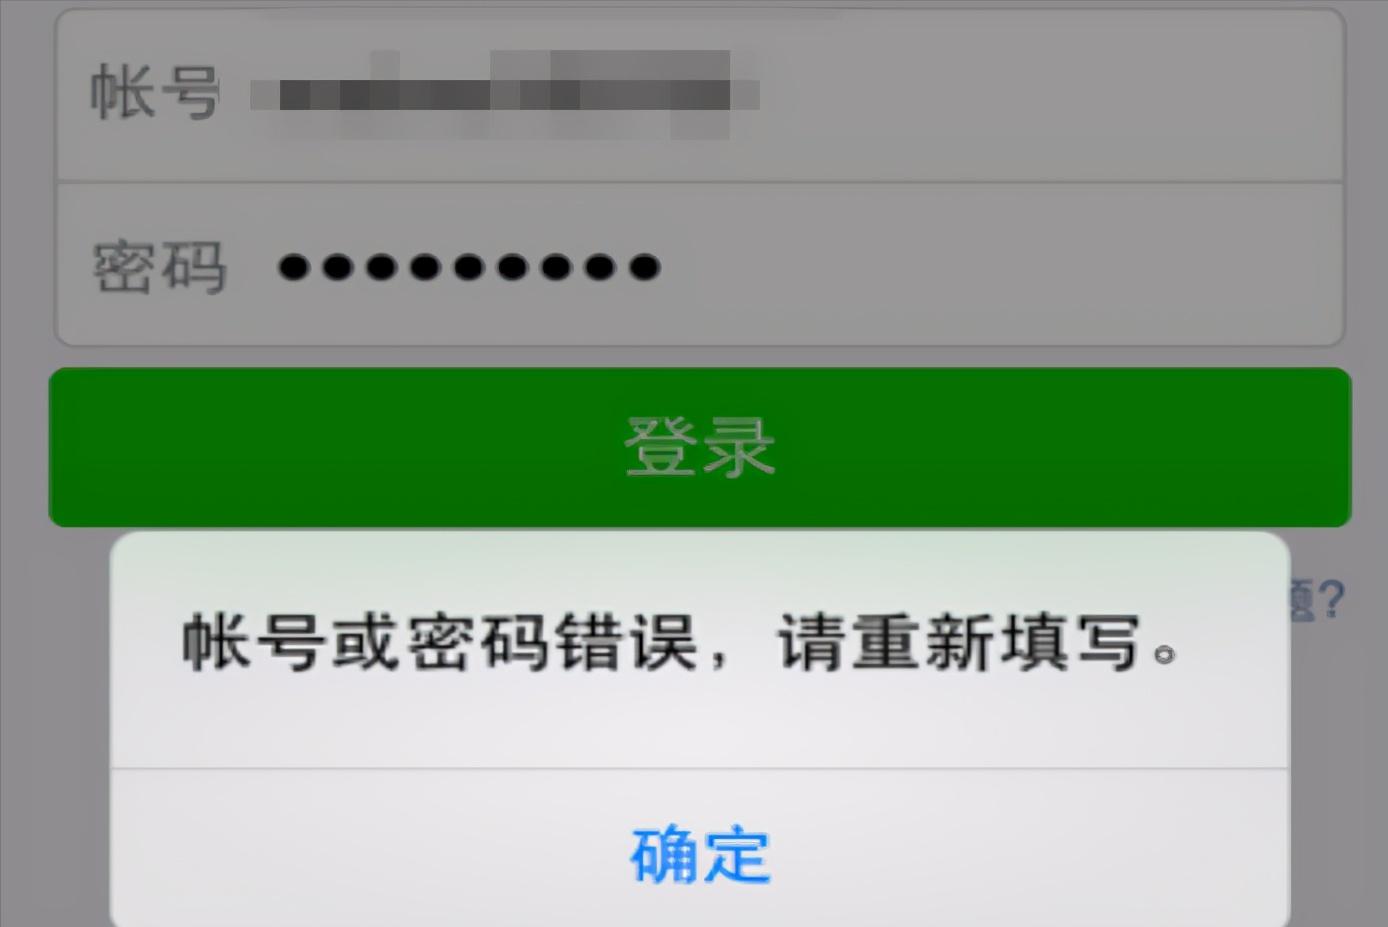 怎么找回微信密码和账号(教你10秒找回微信账号和密码)